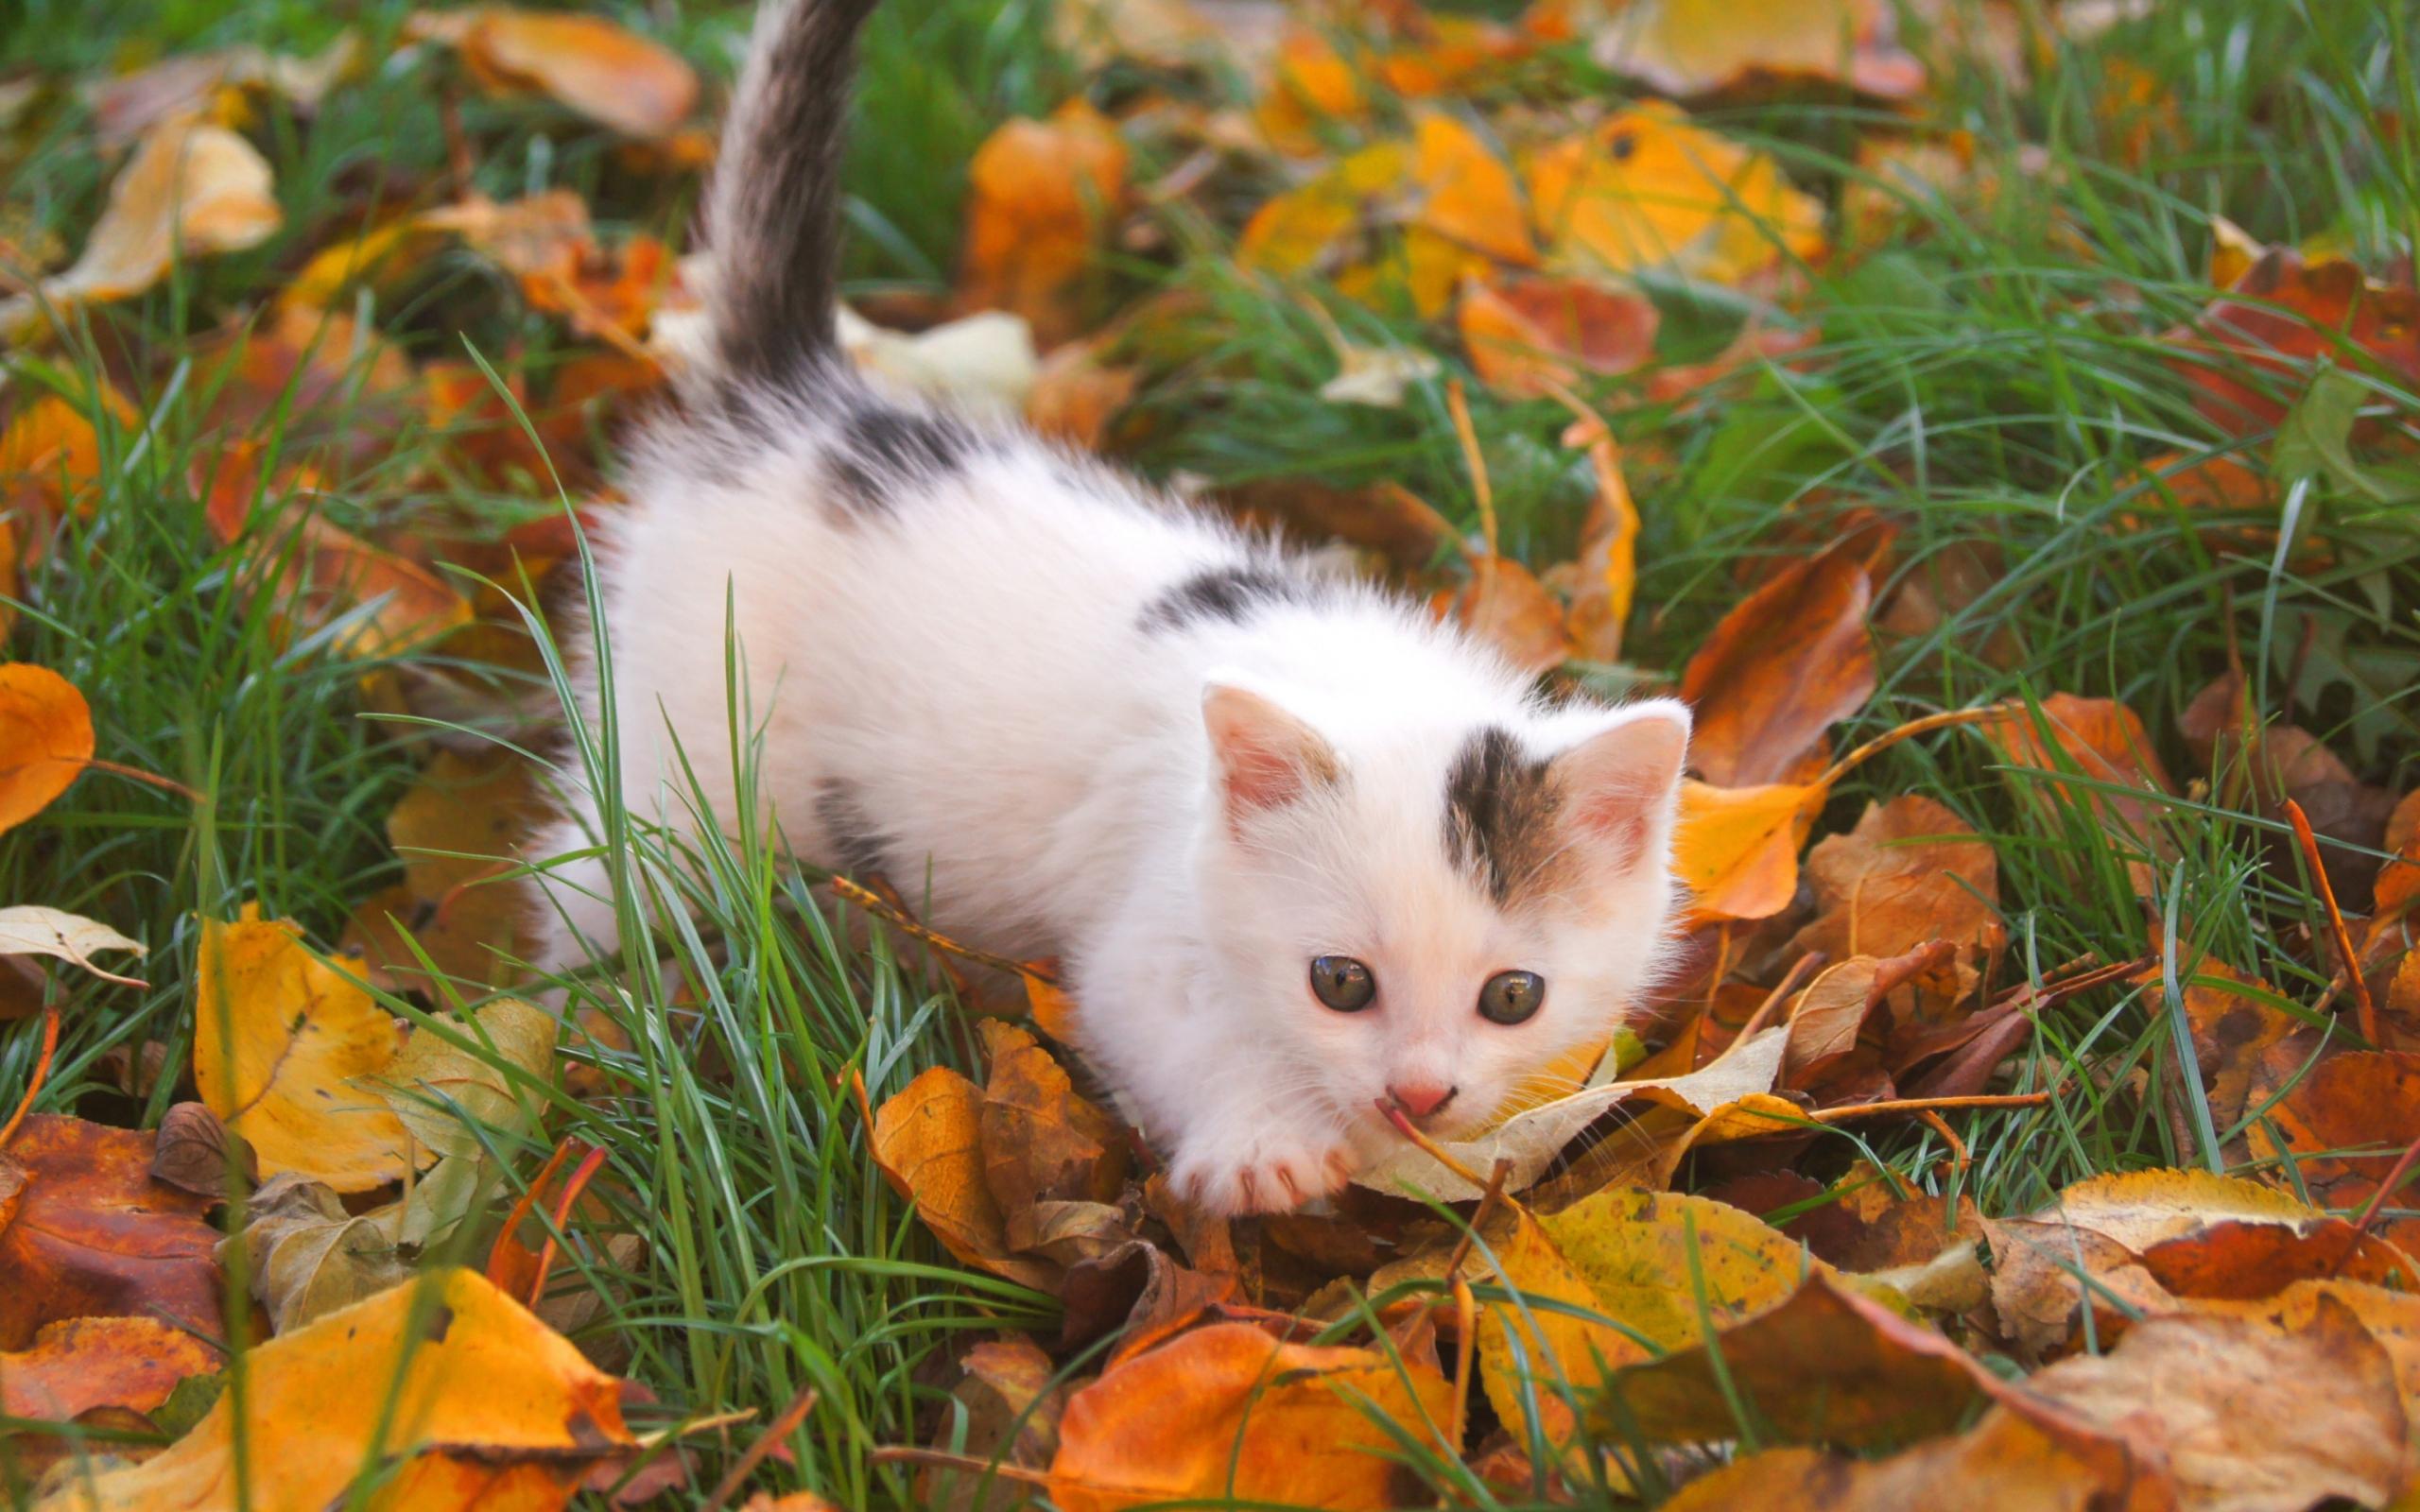 Котенок в мелкой траве  № 2954042 без смс